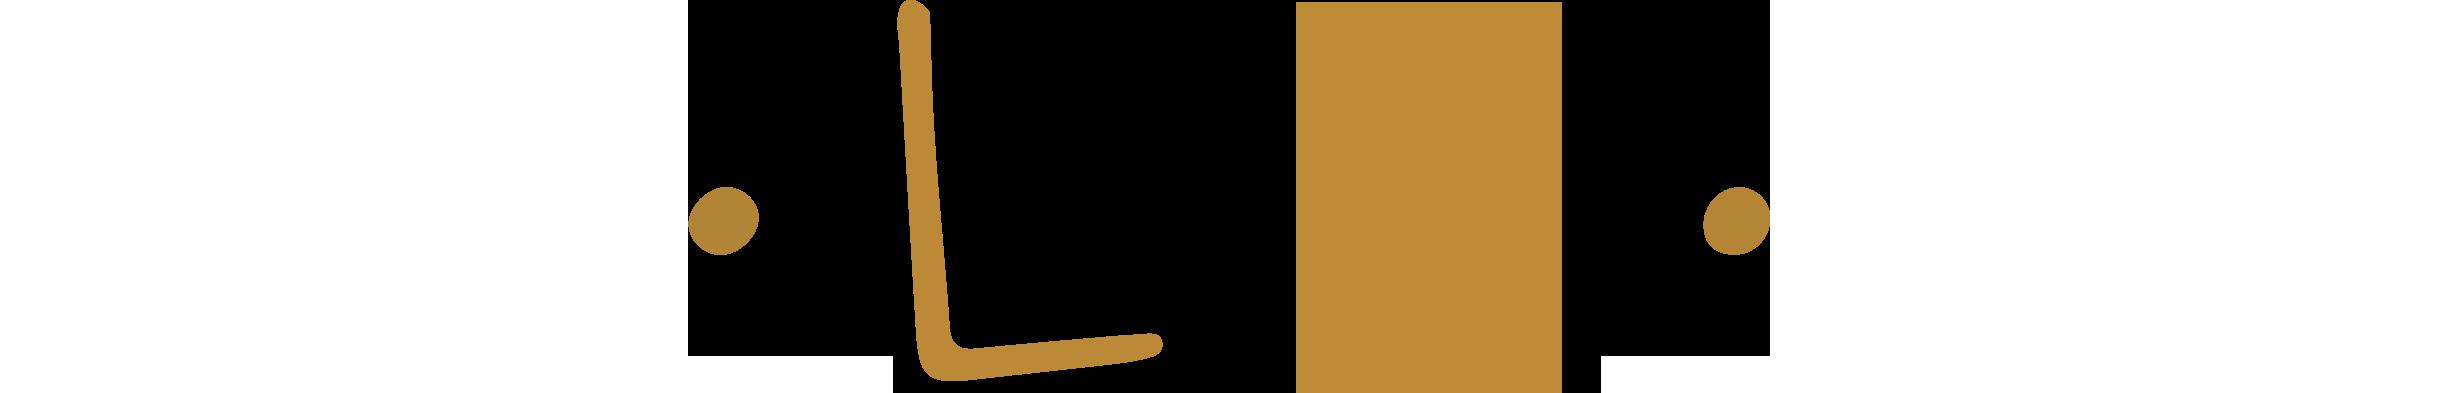 LH Monogram Logo footer.png